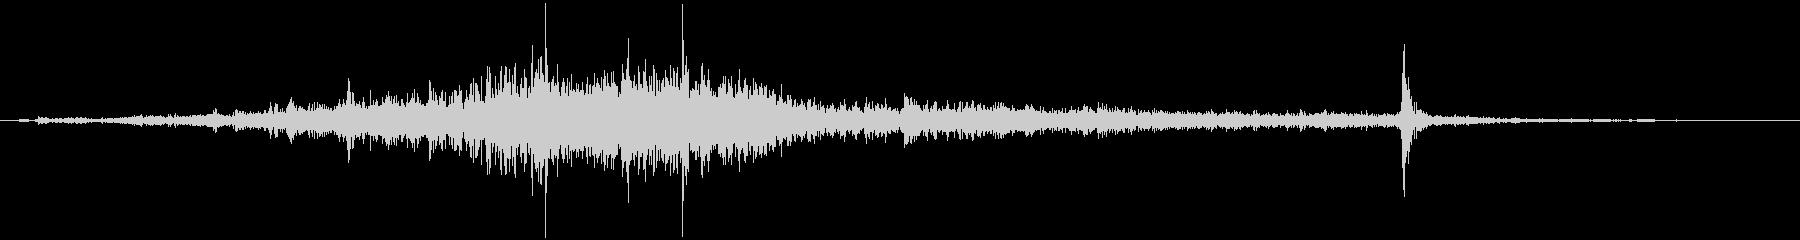 ベネチアンブラインド:下部閉鎖ベネ...の未再生の波形